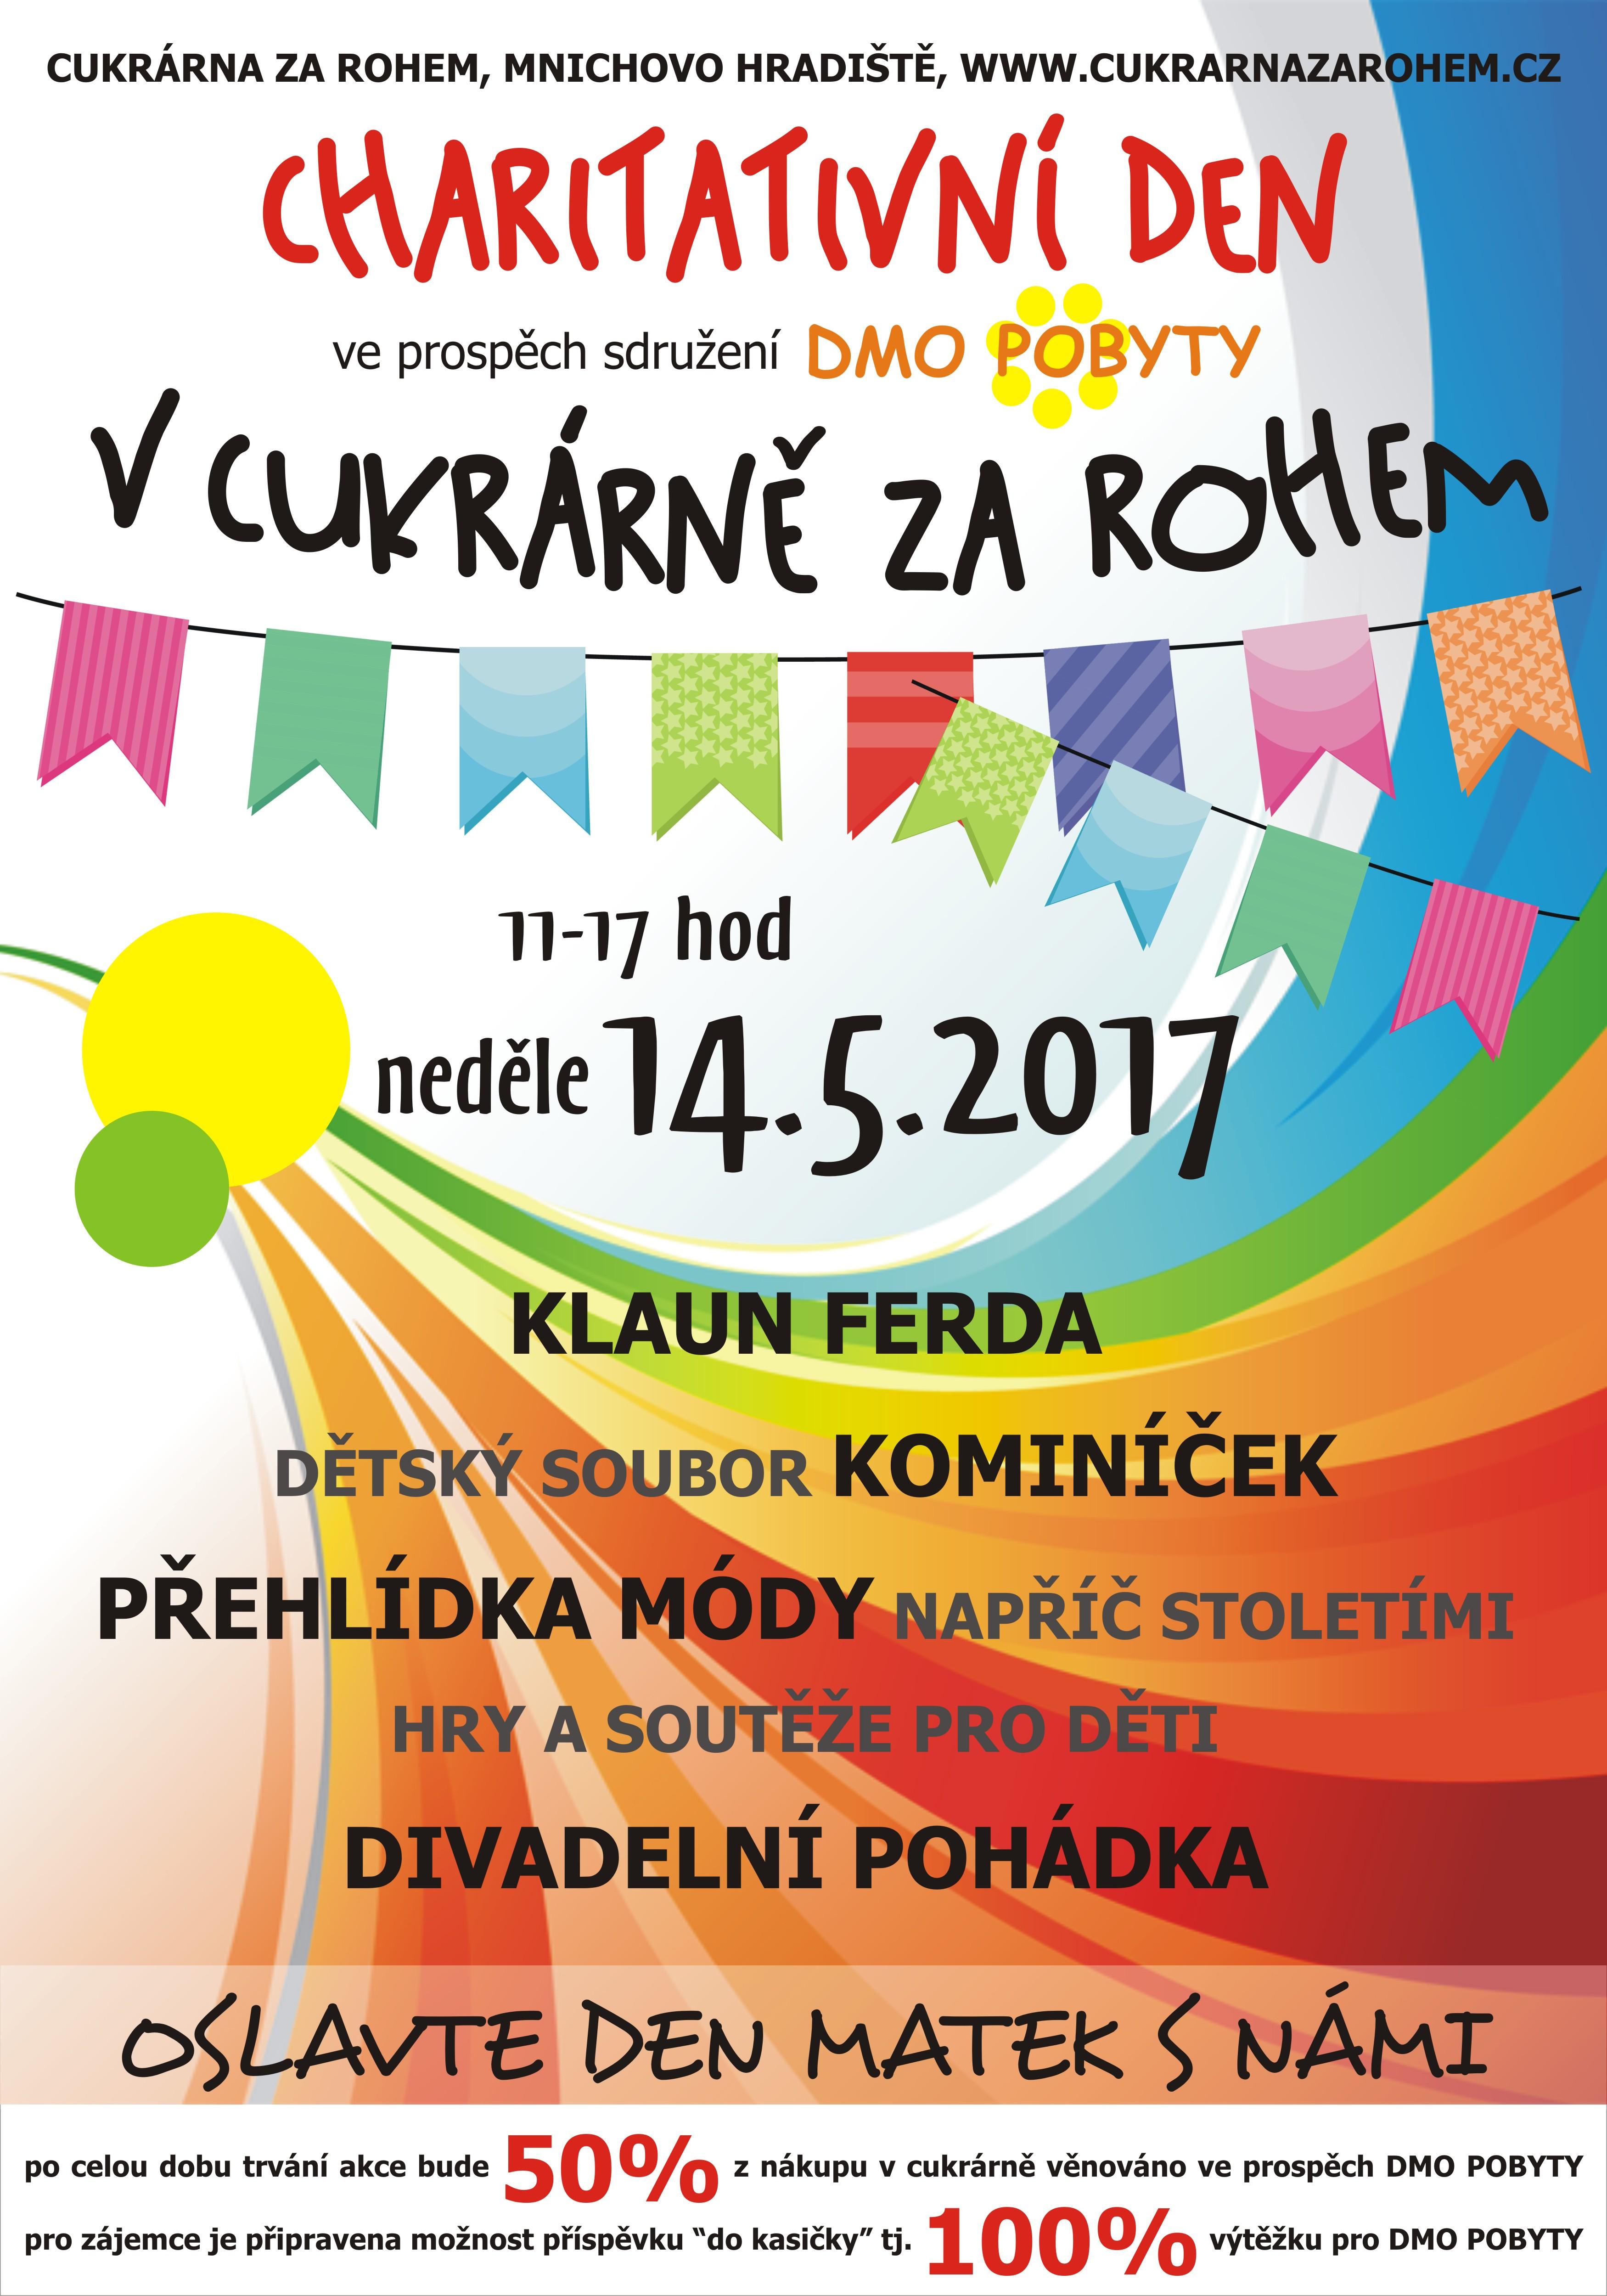 charitativni-den-za-rohem